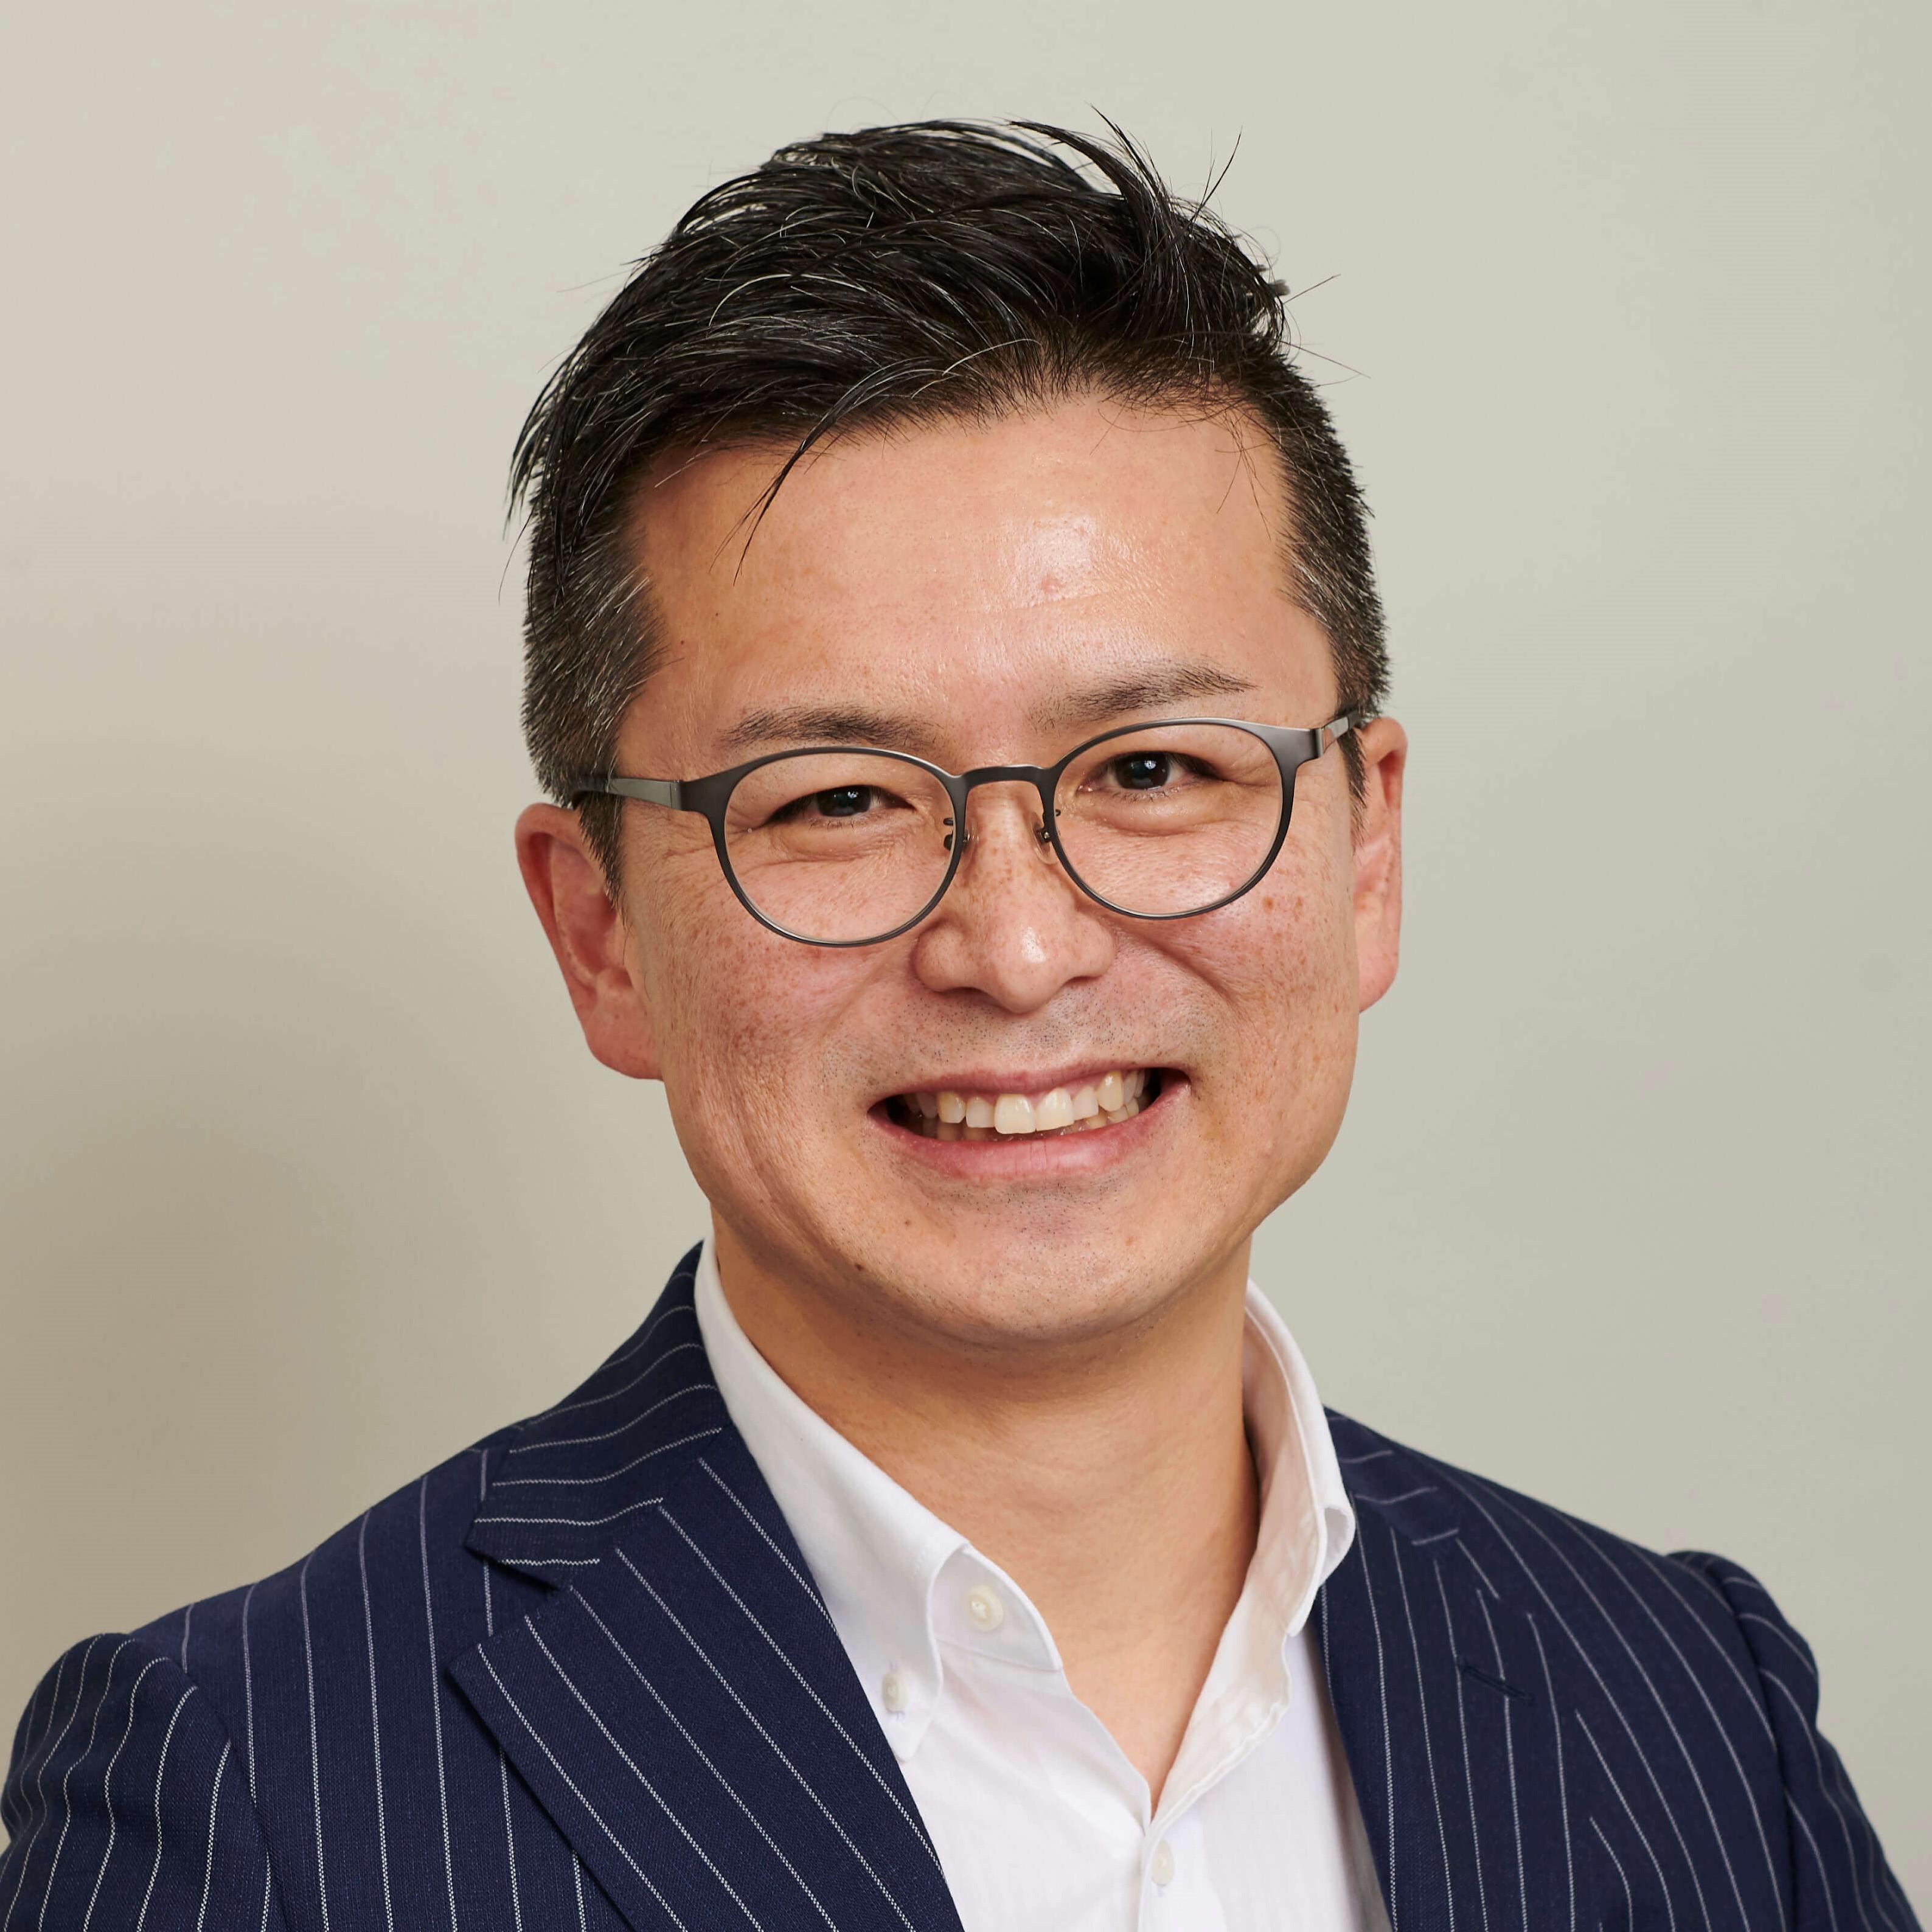 主席研究員 兼 ヘルスケア推進室長(ヘルスツーリズム研究所長) 髙橋 伸佳 Nobuyoshi Takahashi